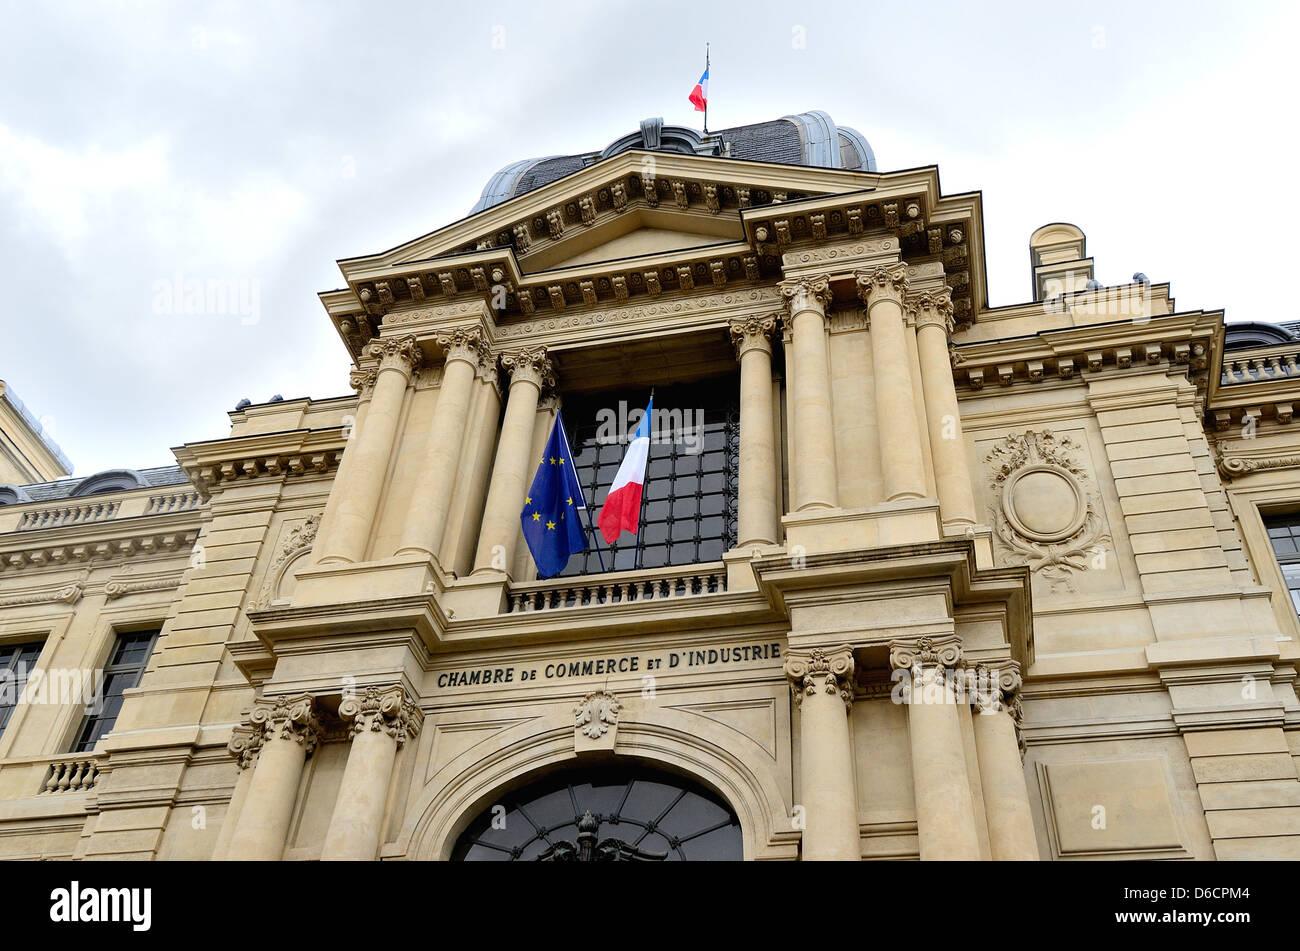 facade of chambre de commerce et dindustrie on avenue friedland paris france